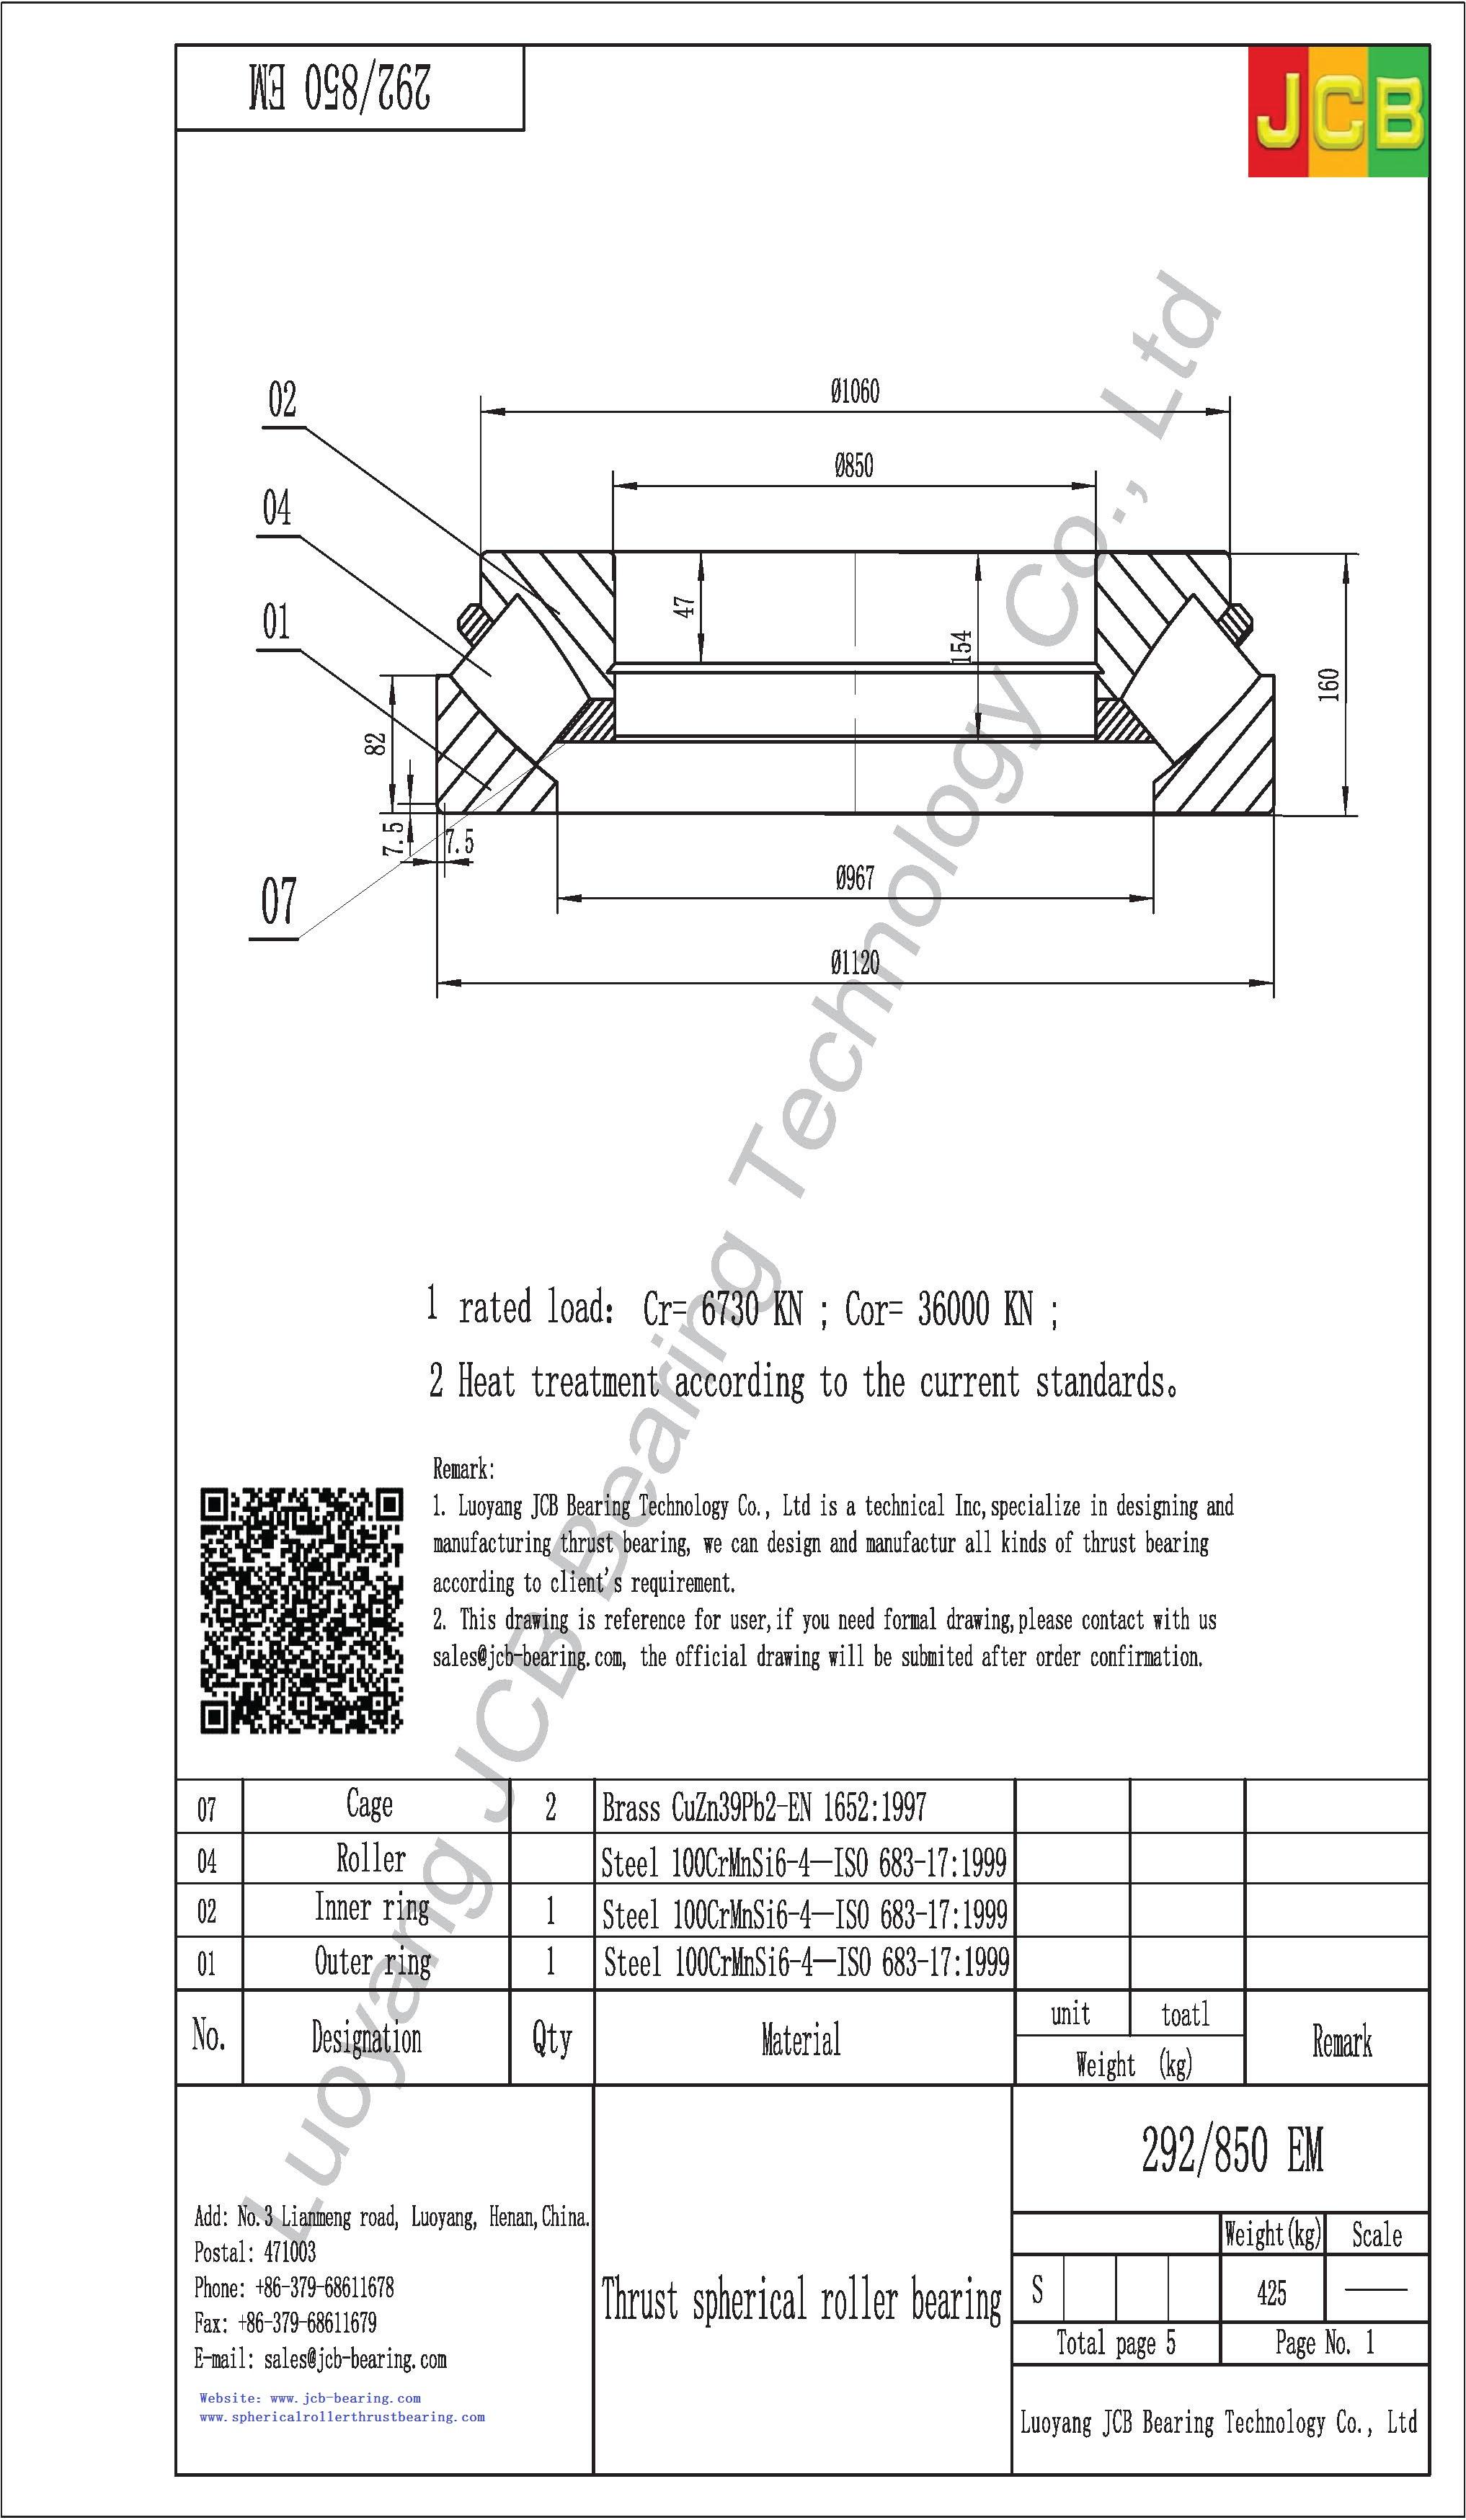 292/850 EM spherical roller thrust bearing